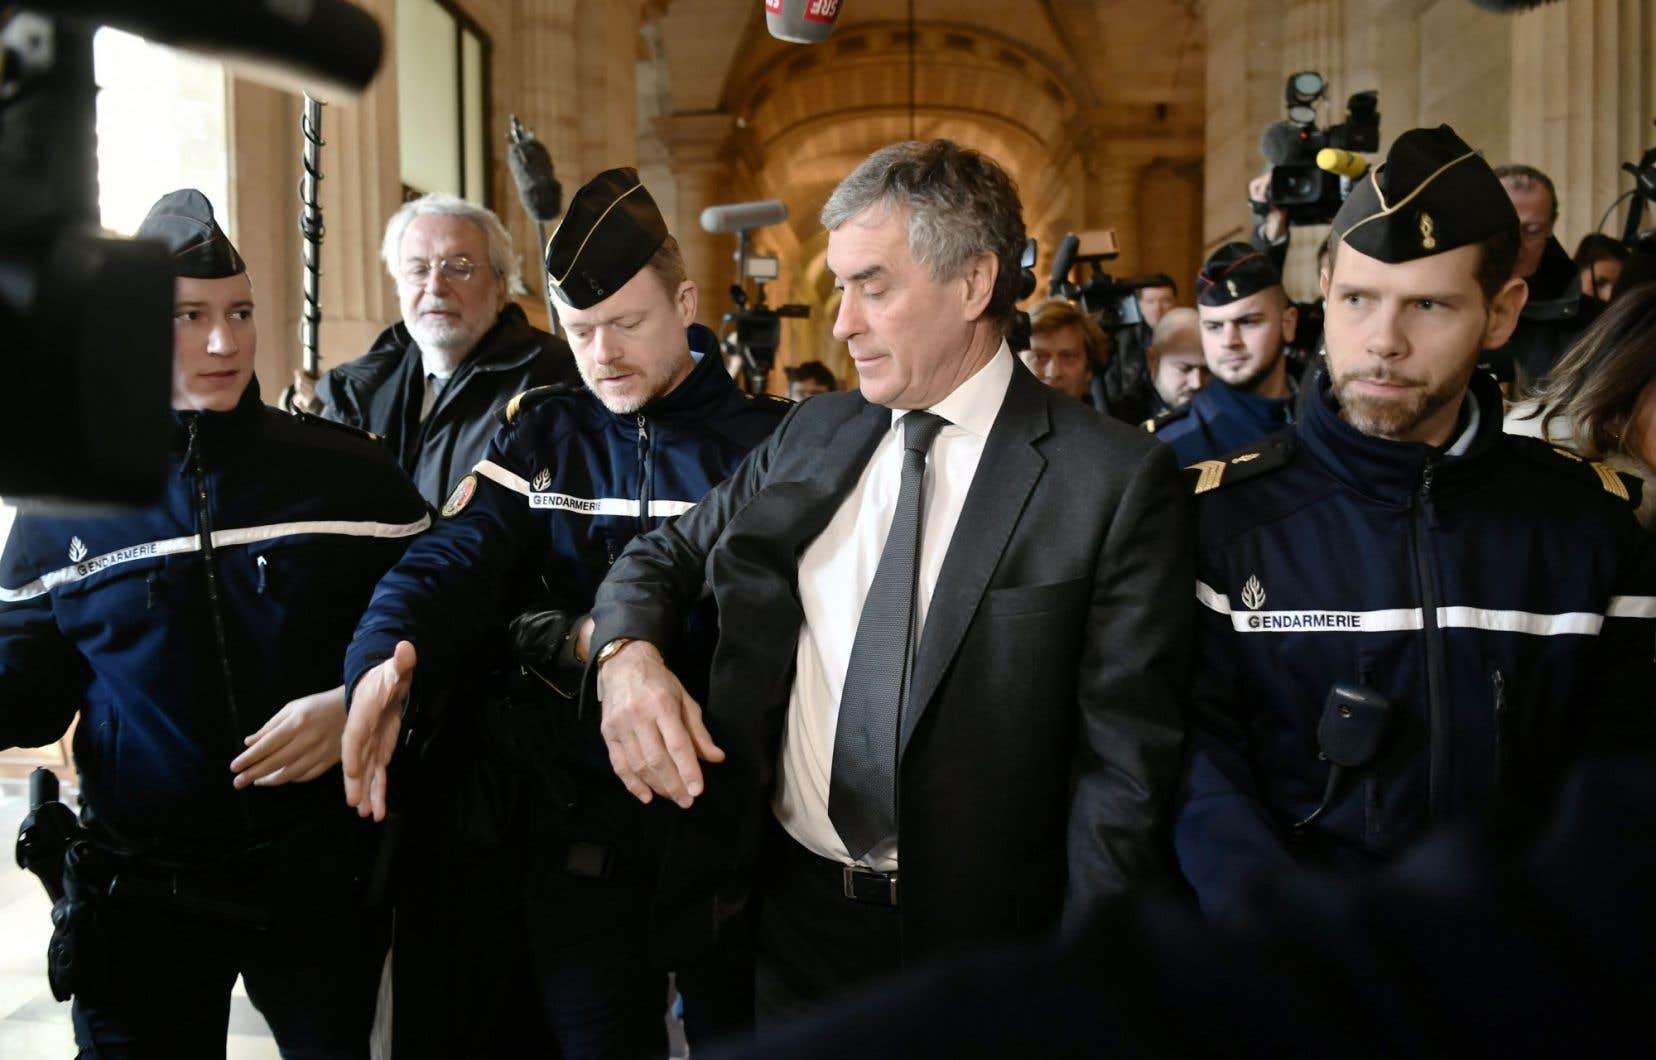 L'ex-ministre du Budget Jérôme Cahuzac à été condamné pour fraude fiscale et blanchiment.